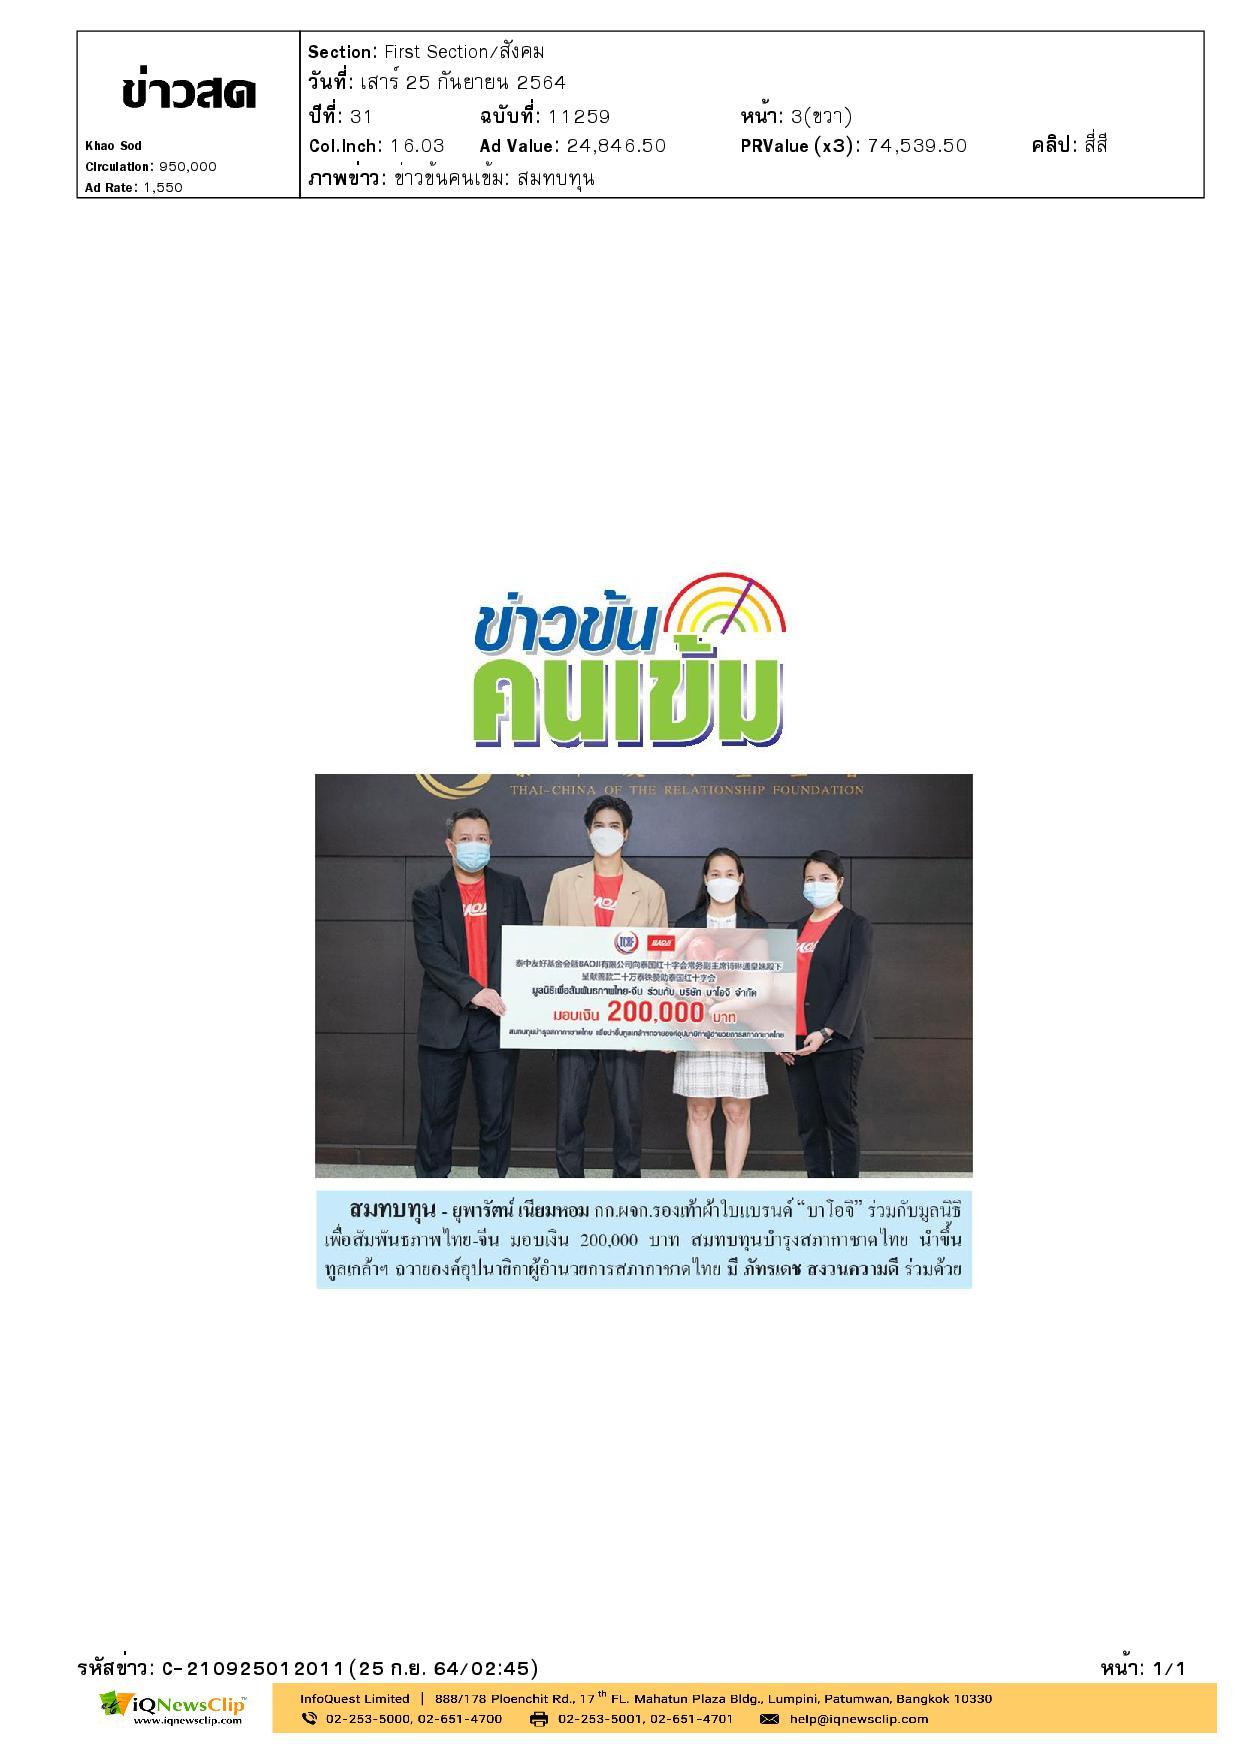 มอบเงิน เพื่อสมทบทุนบำรุงสภากาชาดไทย